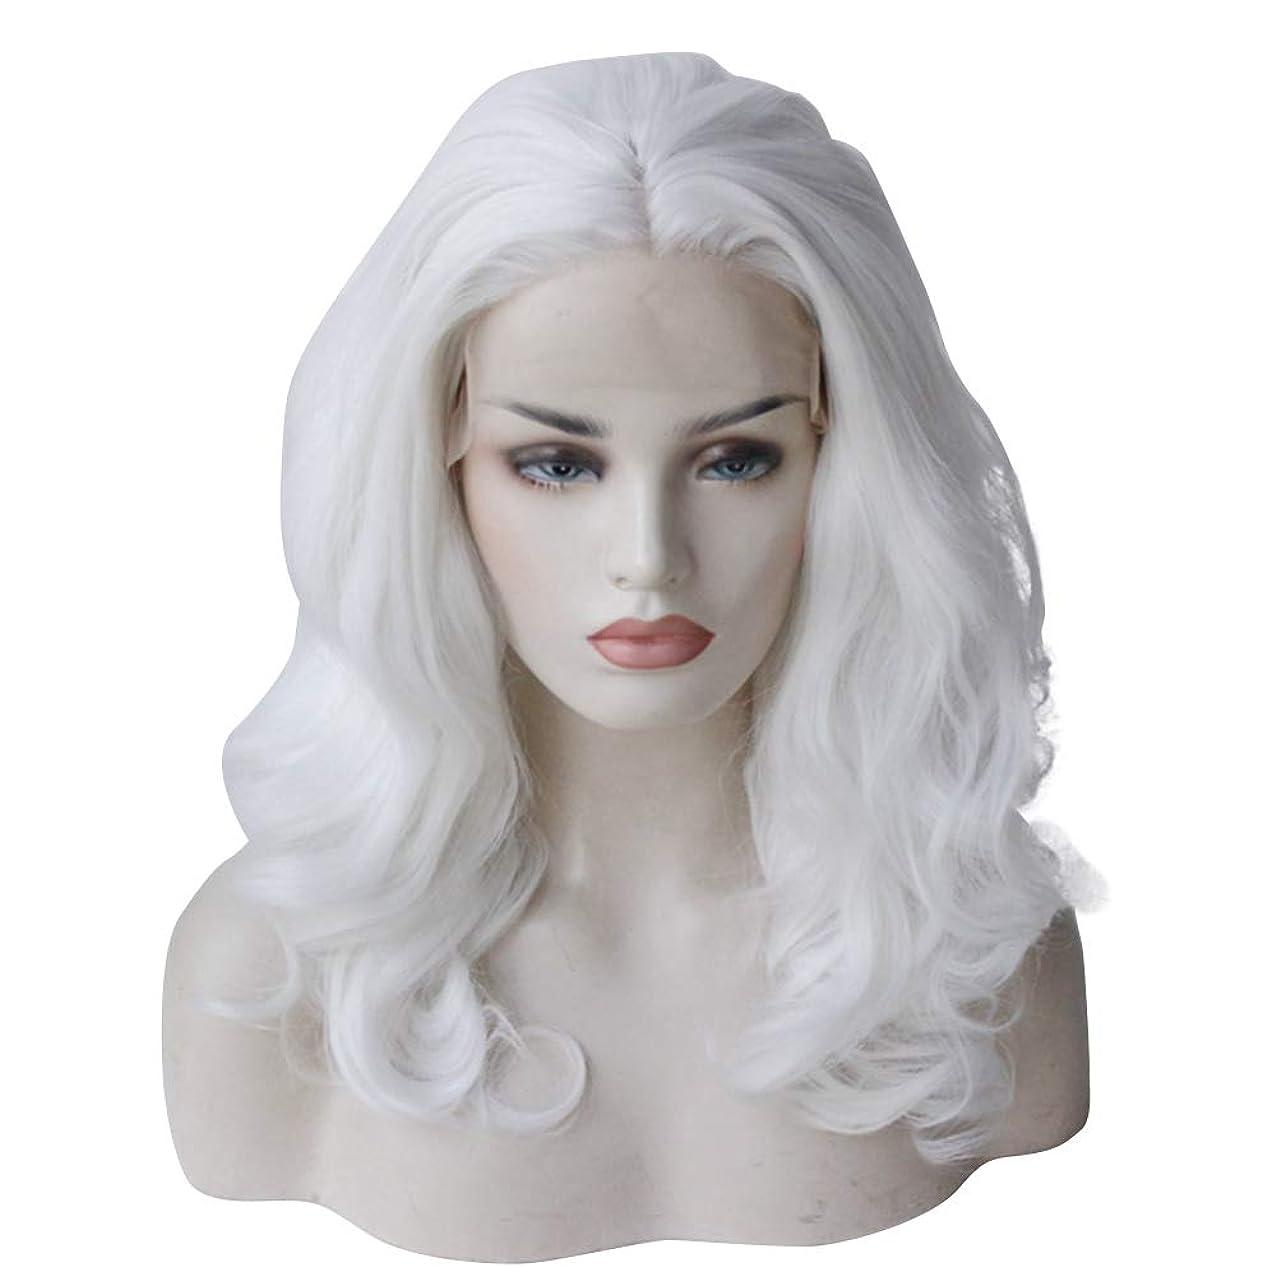 空虚思春期人質ショートカーリーウィッグフルヘッドハイエンドフロントレースケミカルファイバーウィッグヘッドギア完璧な合成毛の波状かつら、完璧